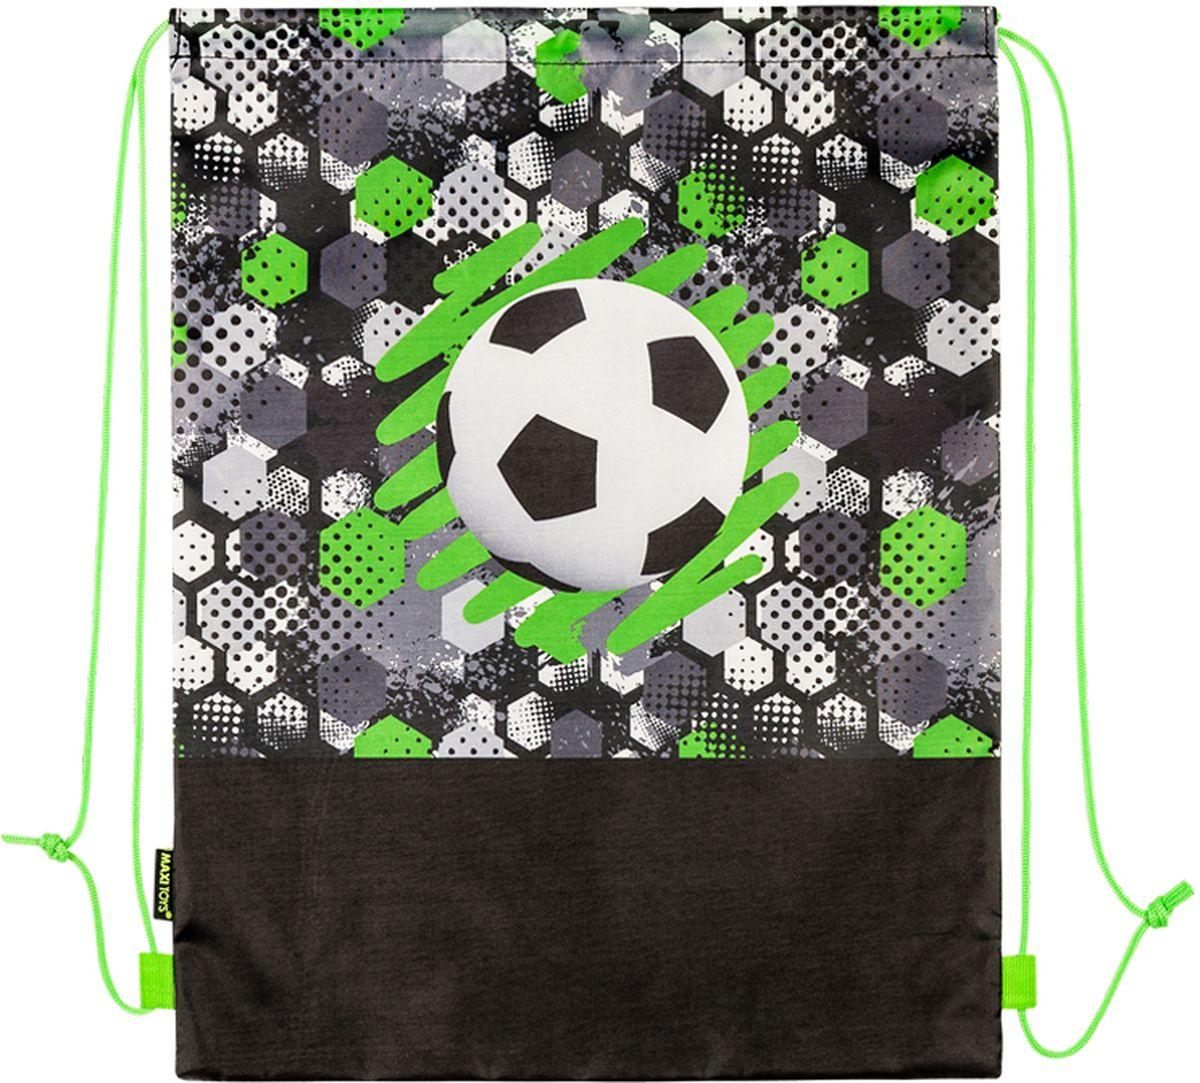 9654c39bf8bc Maxitoys Мешок для обуви Футбольный мяч — купить в интернет-магазине  OZON.ru с быстрой доставкой